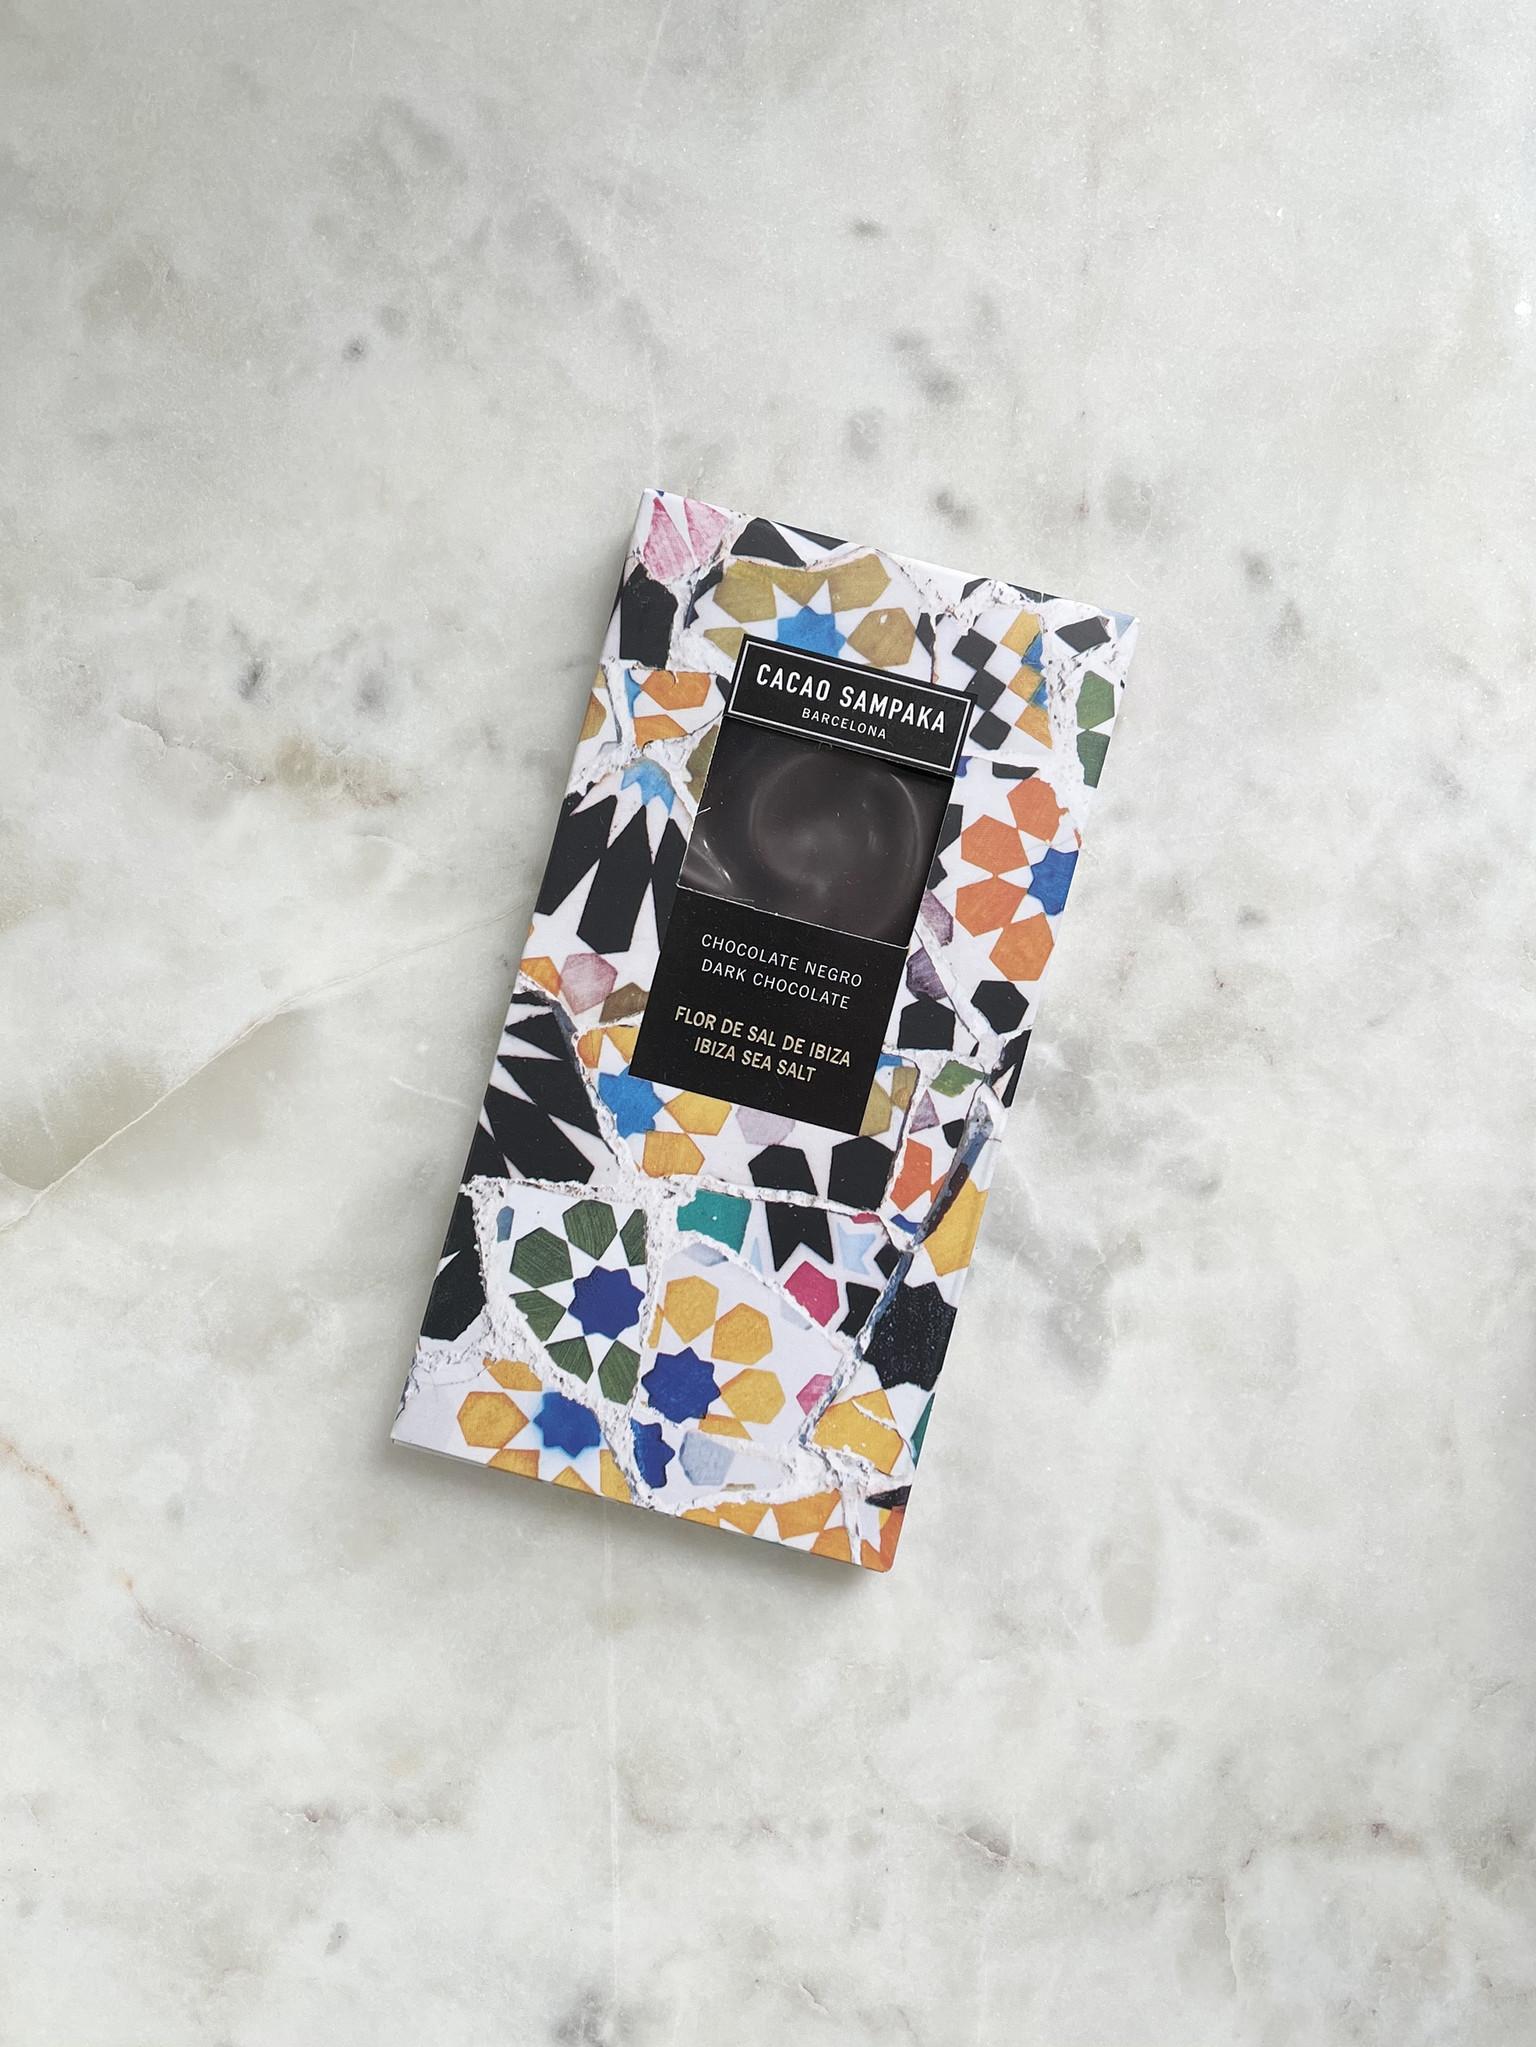 Cacao Sampaka Dark Chocolate Bar with Ibiza Sea Salt-1